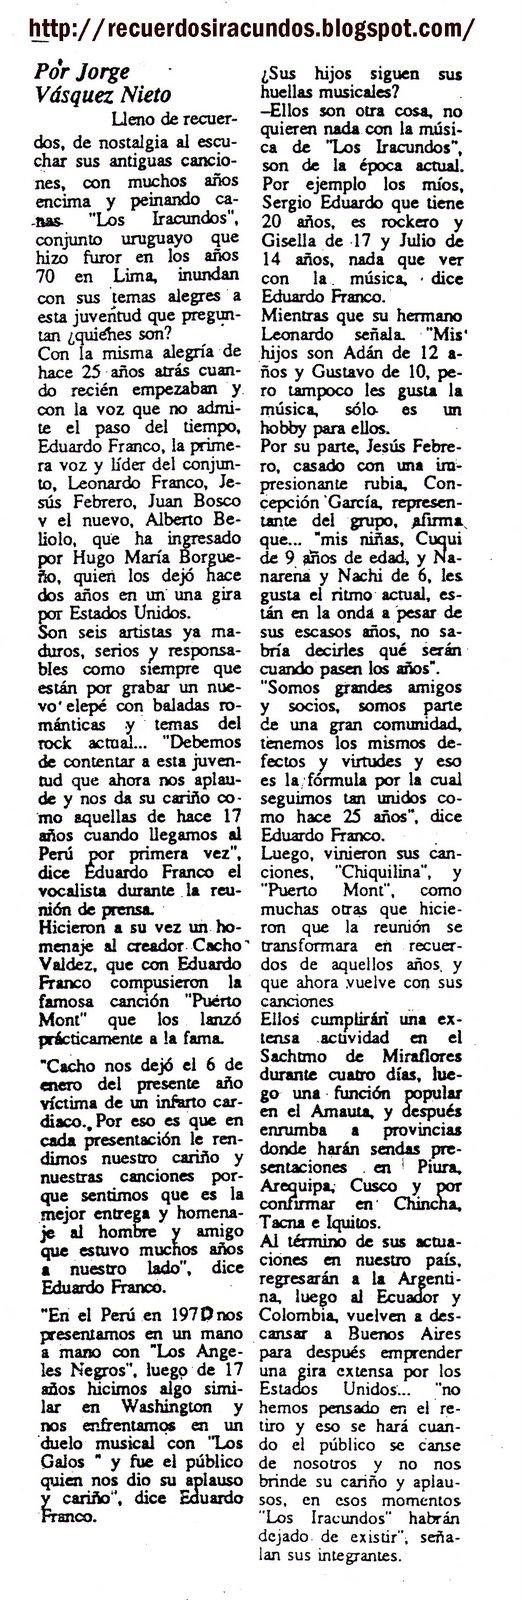 NOTA 1988-LOS IRACUNDOS  28 AÑOS DE  HISTORIA